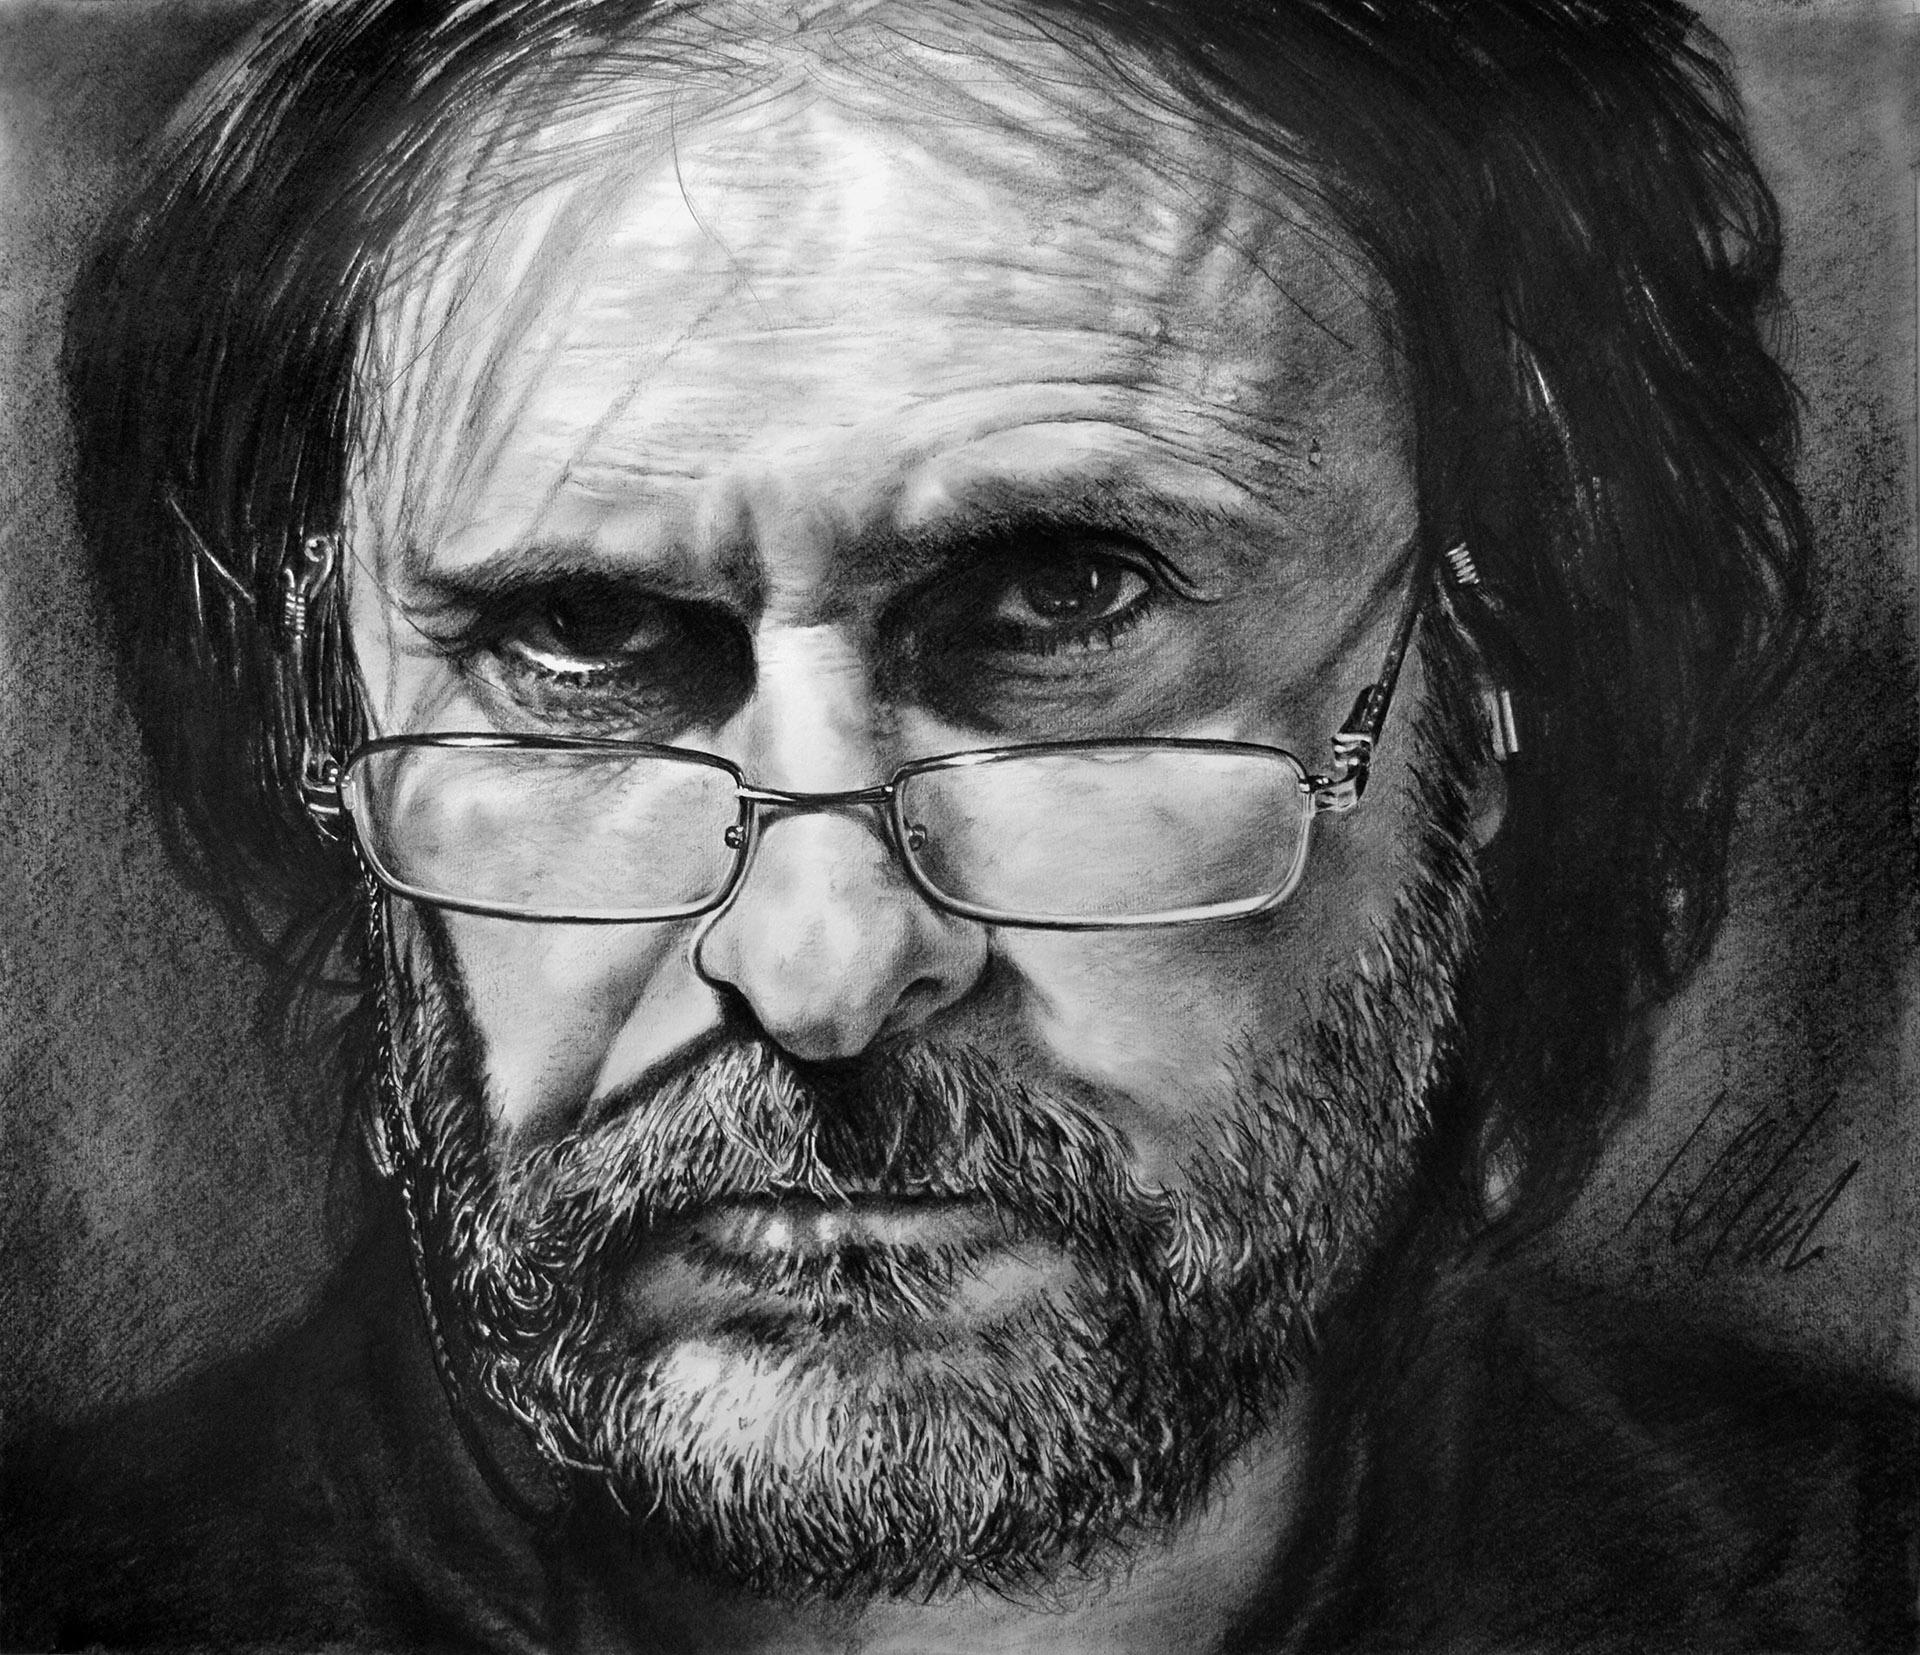 Javier Olmedo, autorretrato en grafito. 58 x 50 cm, año 2017